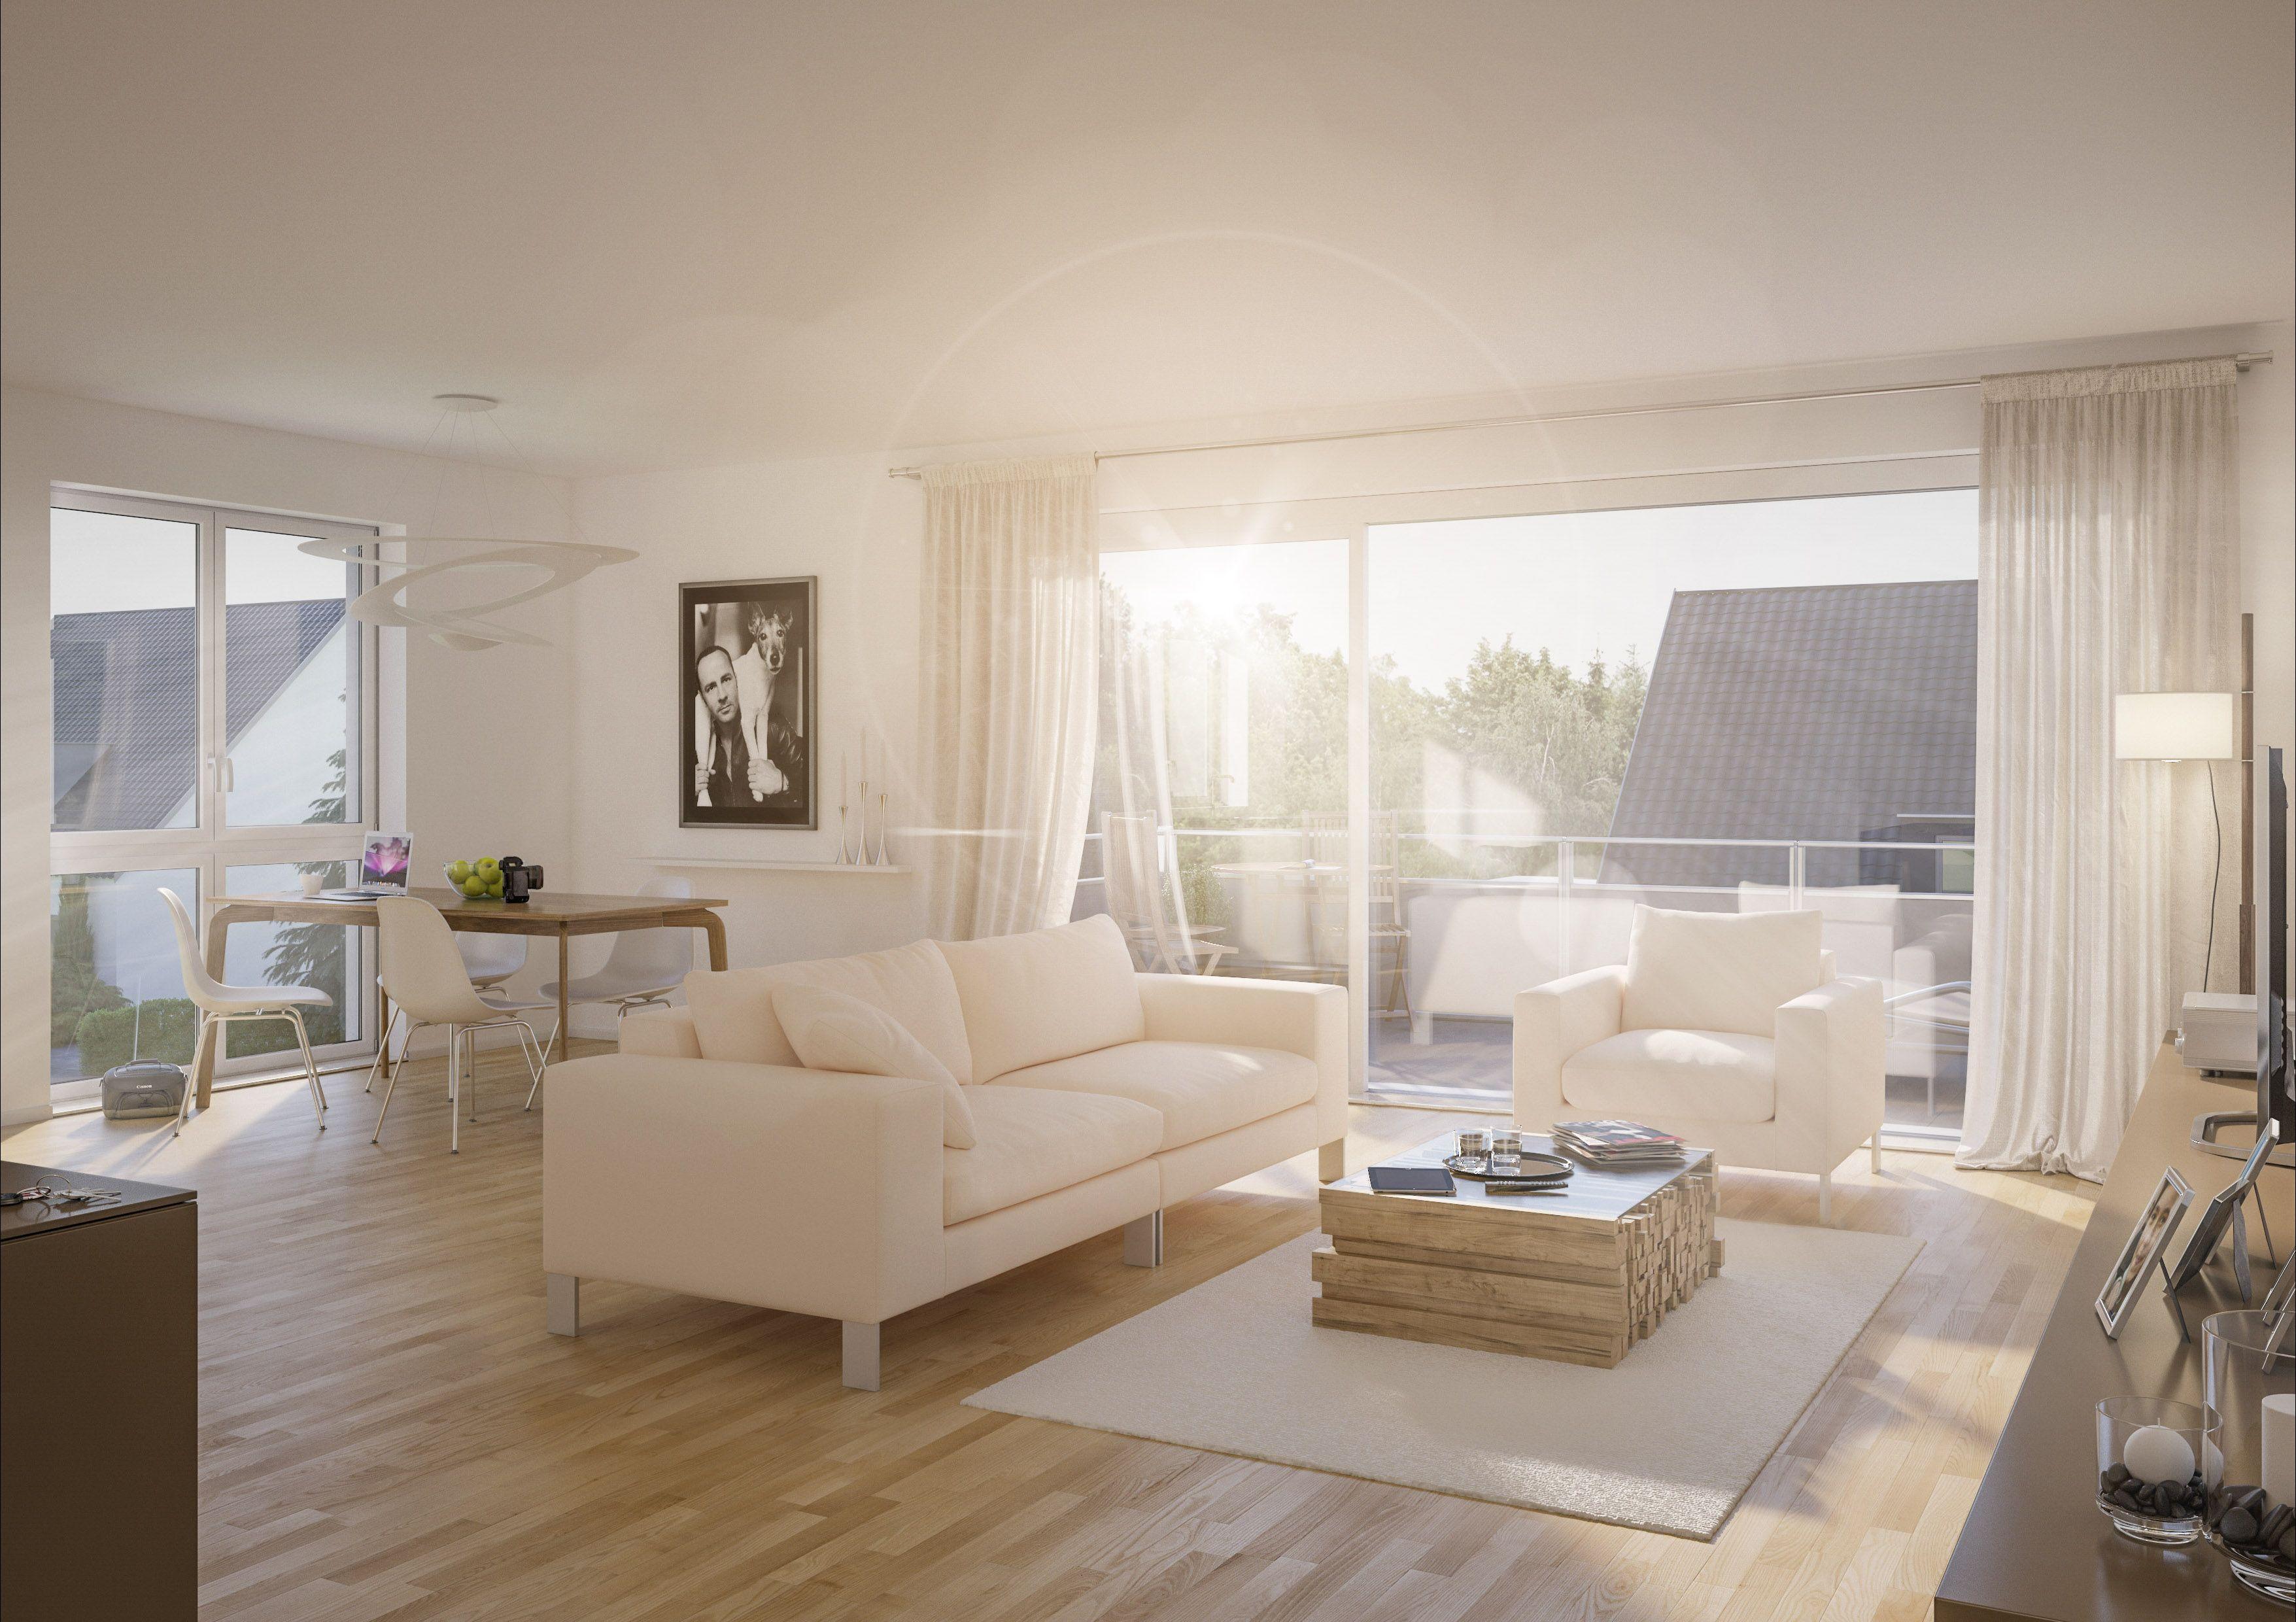 3d innenvisualisierung von einer neubau wohnung in m lheim an der ruhr von beyond reality. Black Bedroom Furniture Sets. Home Design Ideas